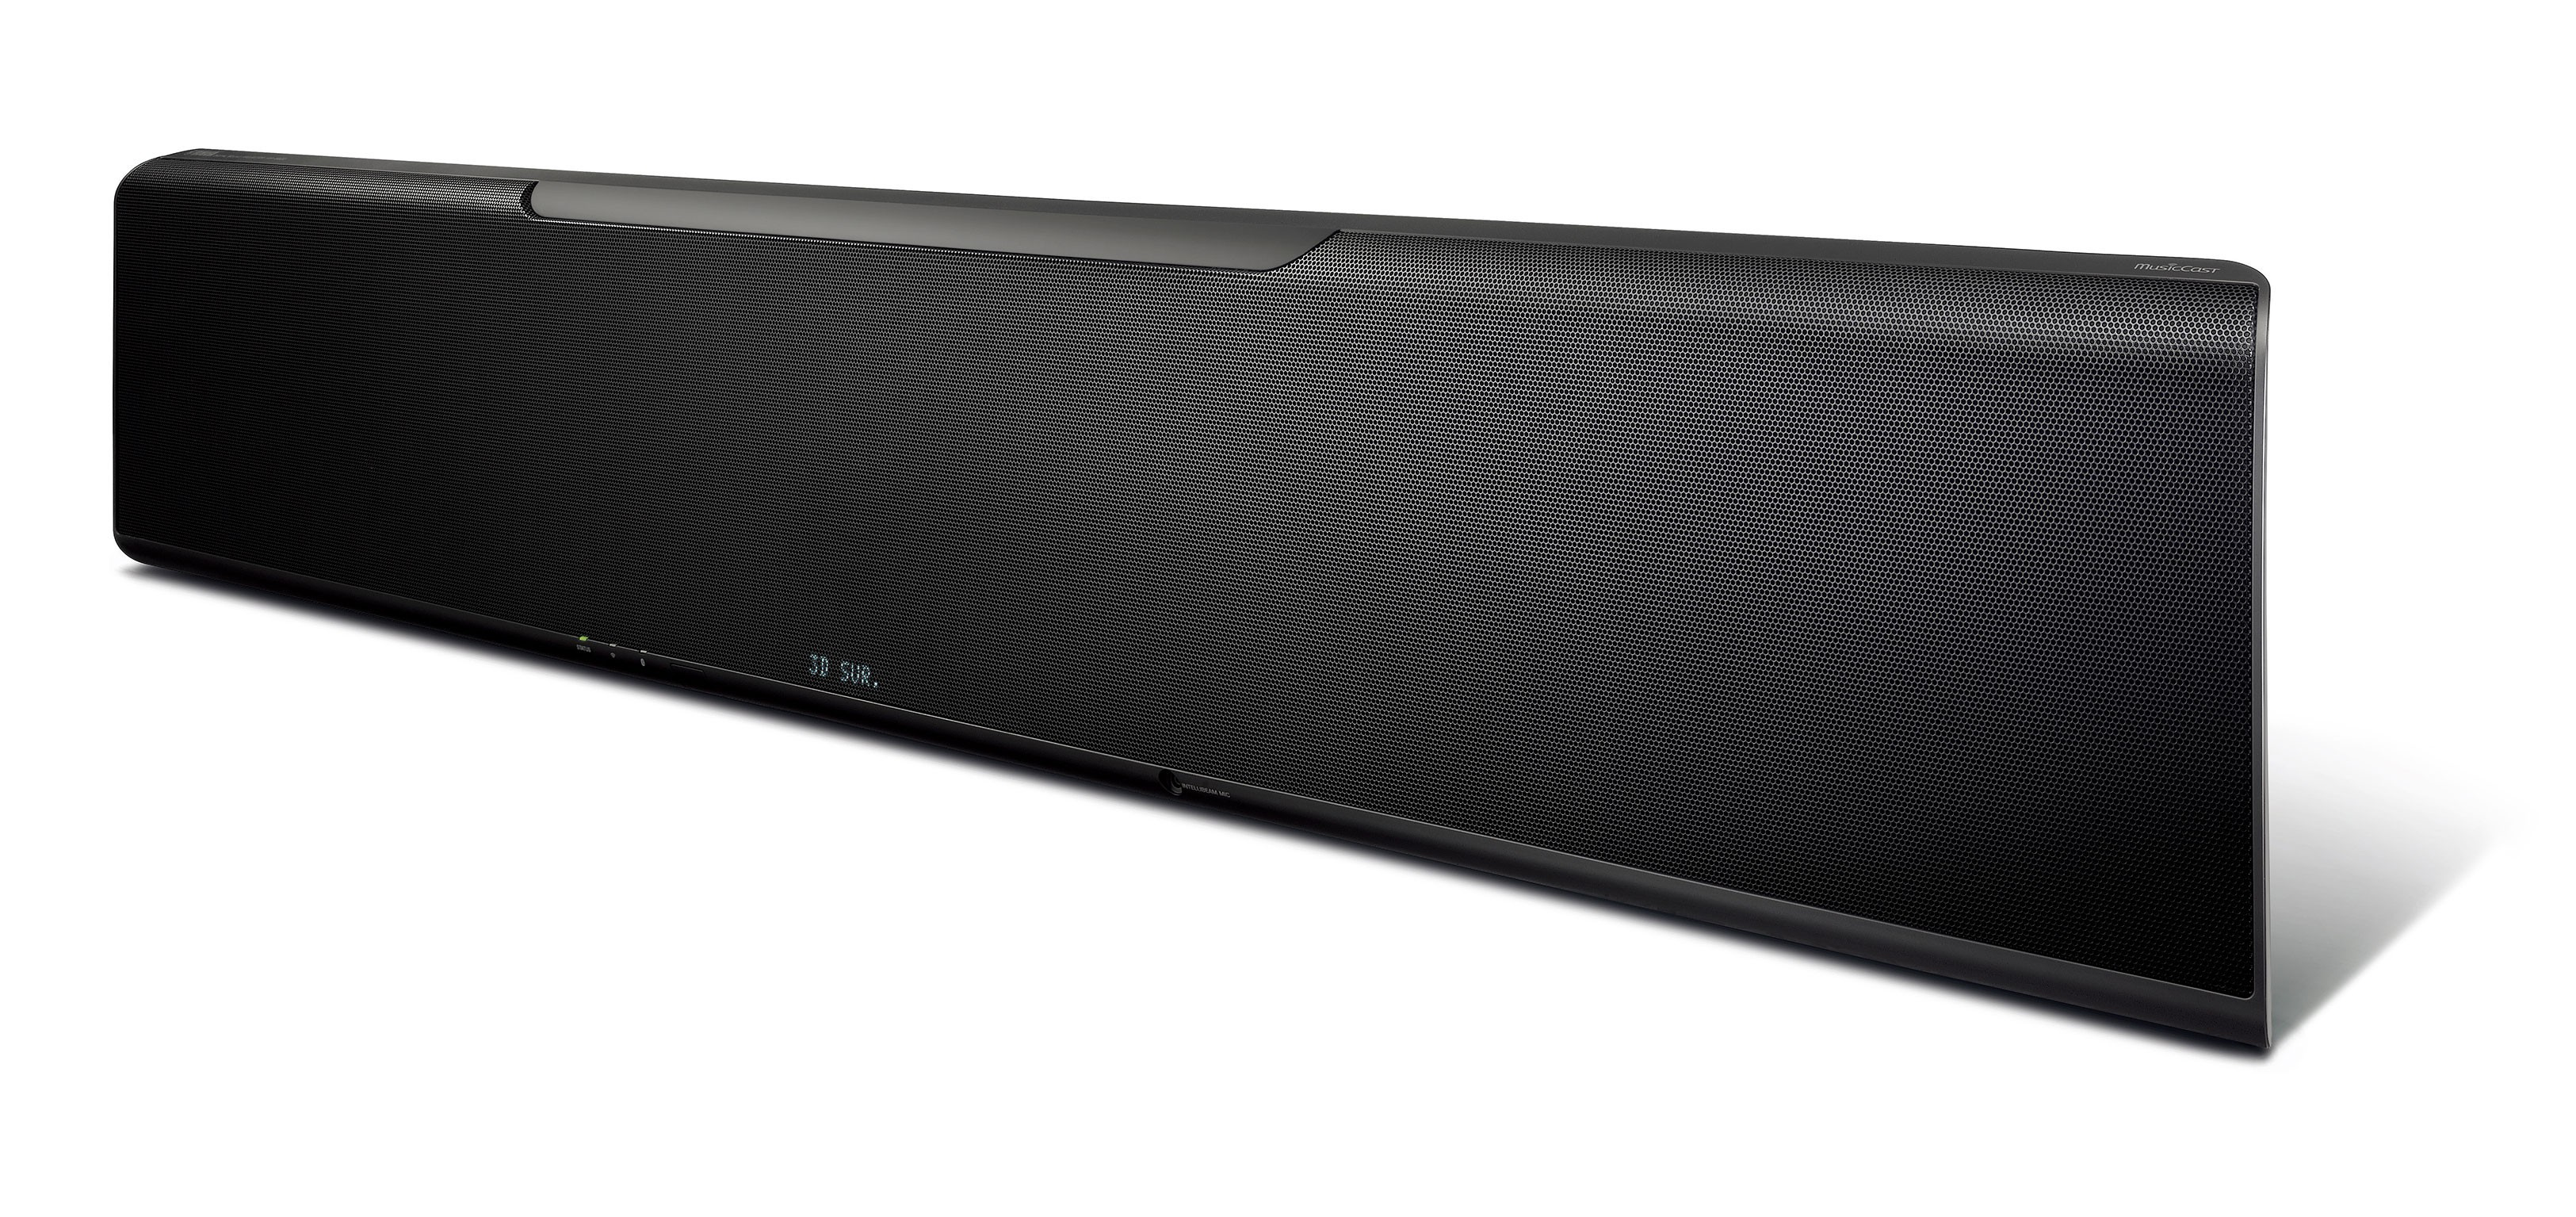 Звуковой проектор Yamaha YSP-5600 Black -